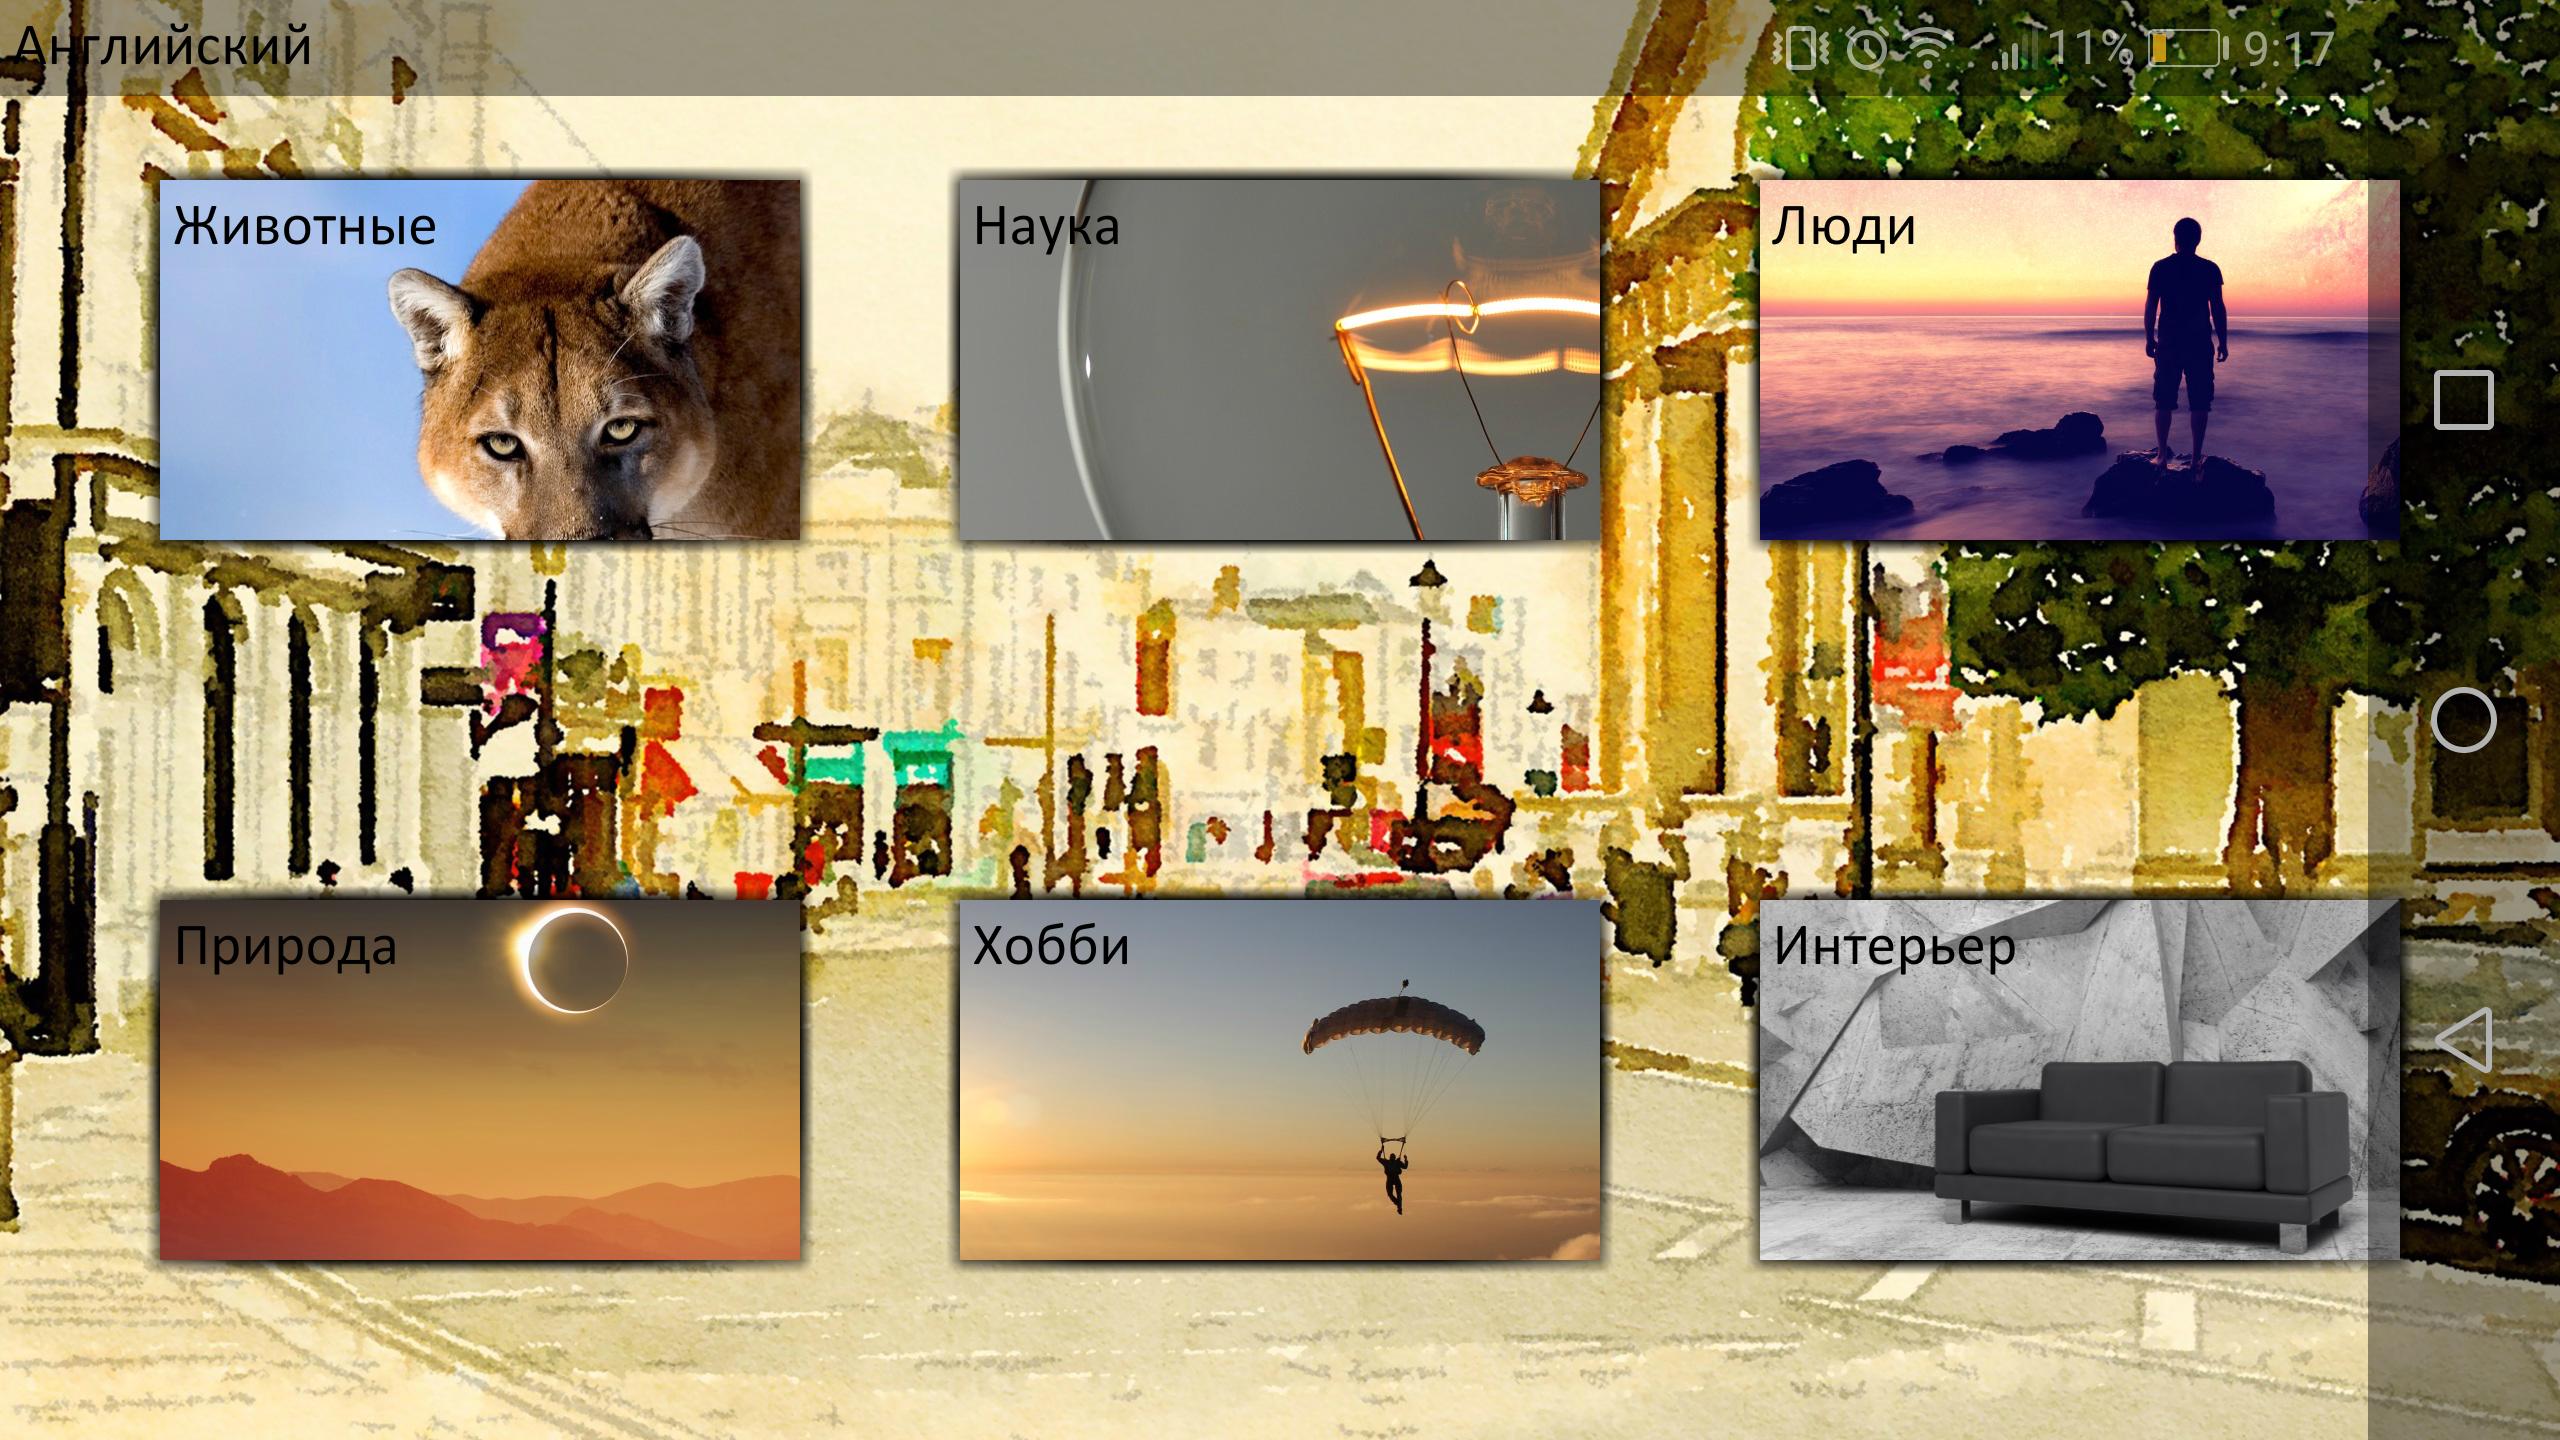 Приложение для интерактивного обучения английскому языку